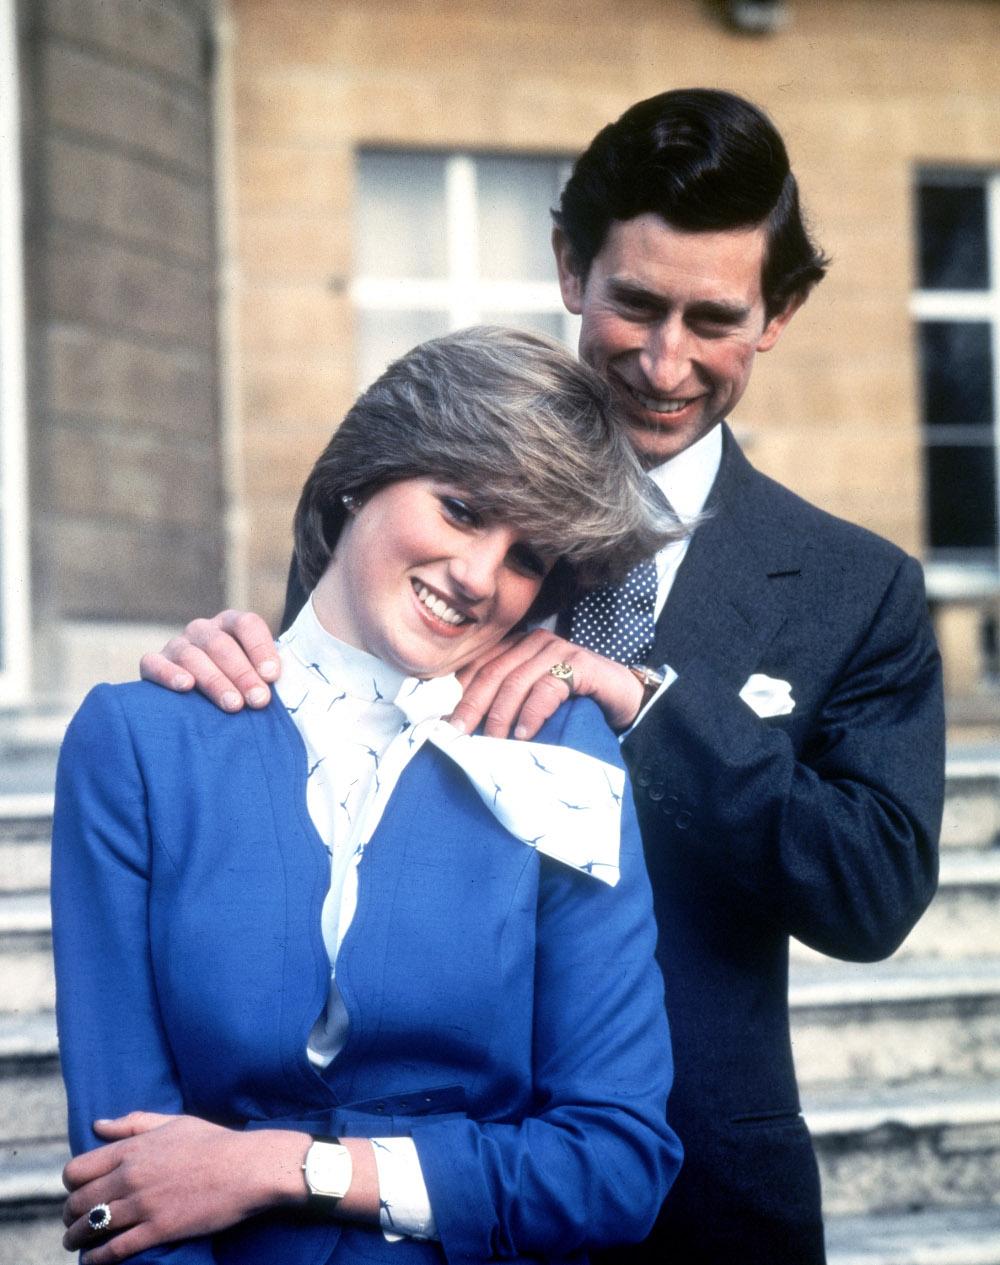 Η πριγκίπισσα Νταϊάνα ήταν η πρώτη νύφη της βασιλικής οικογένειας που εργαζόταν